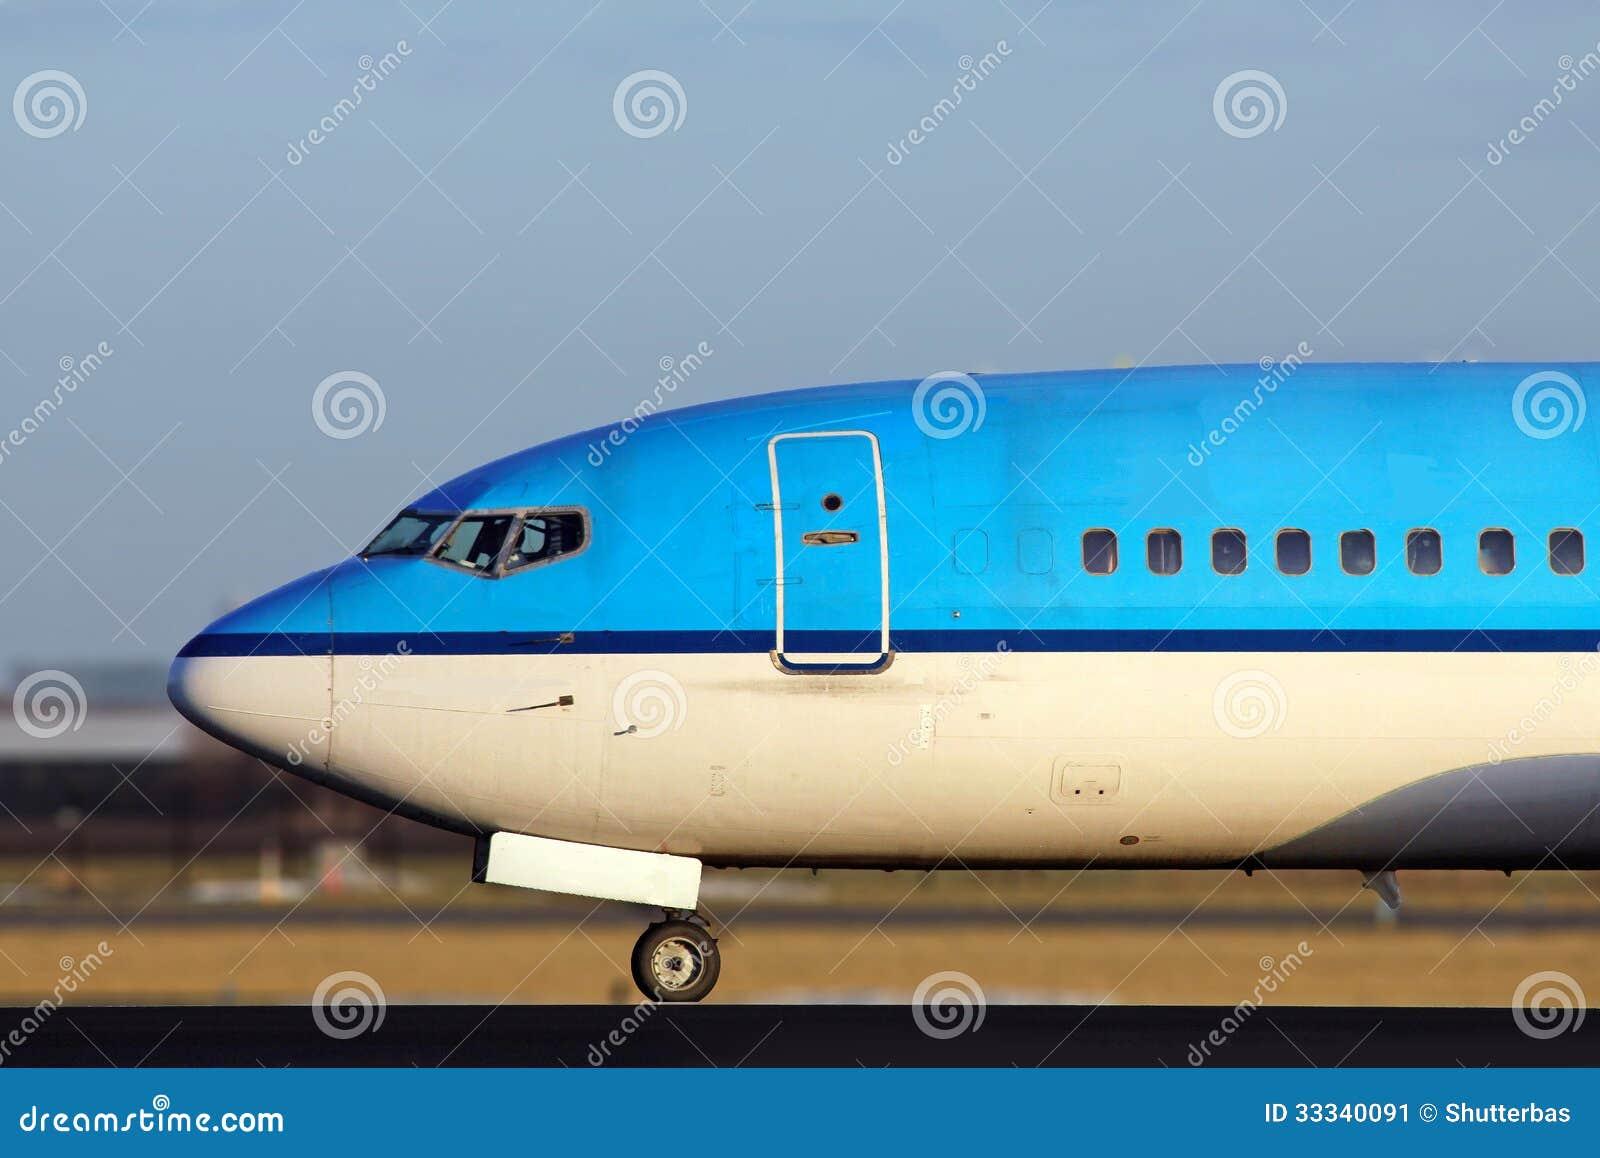 Blue Plane Close Nose